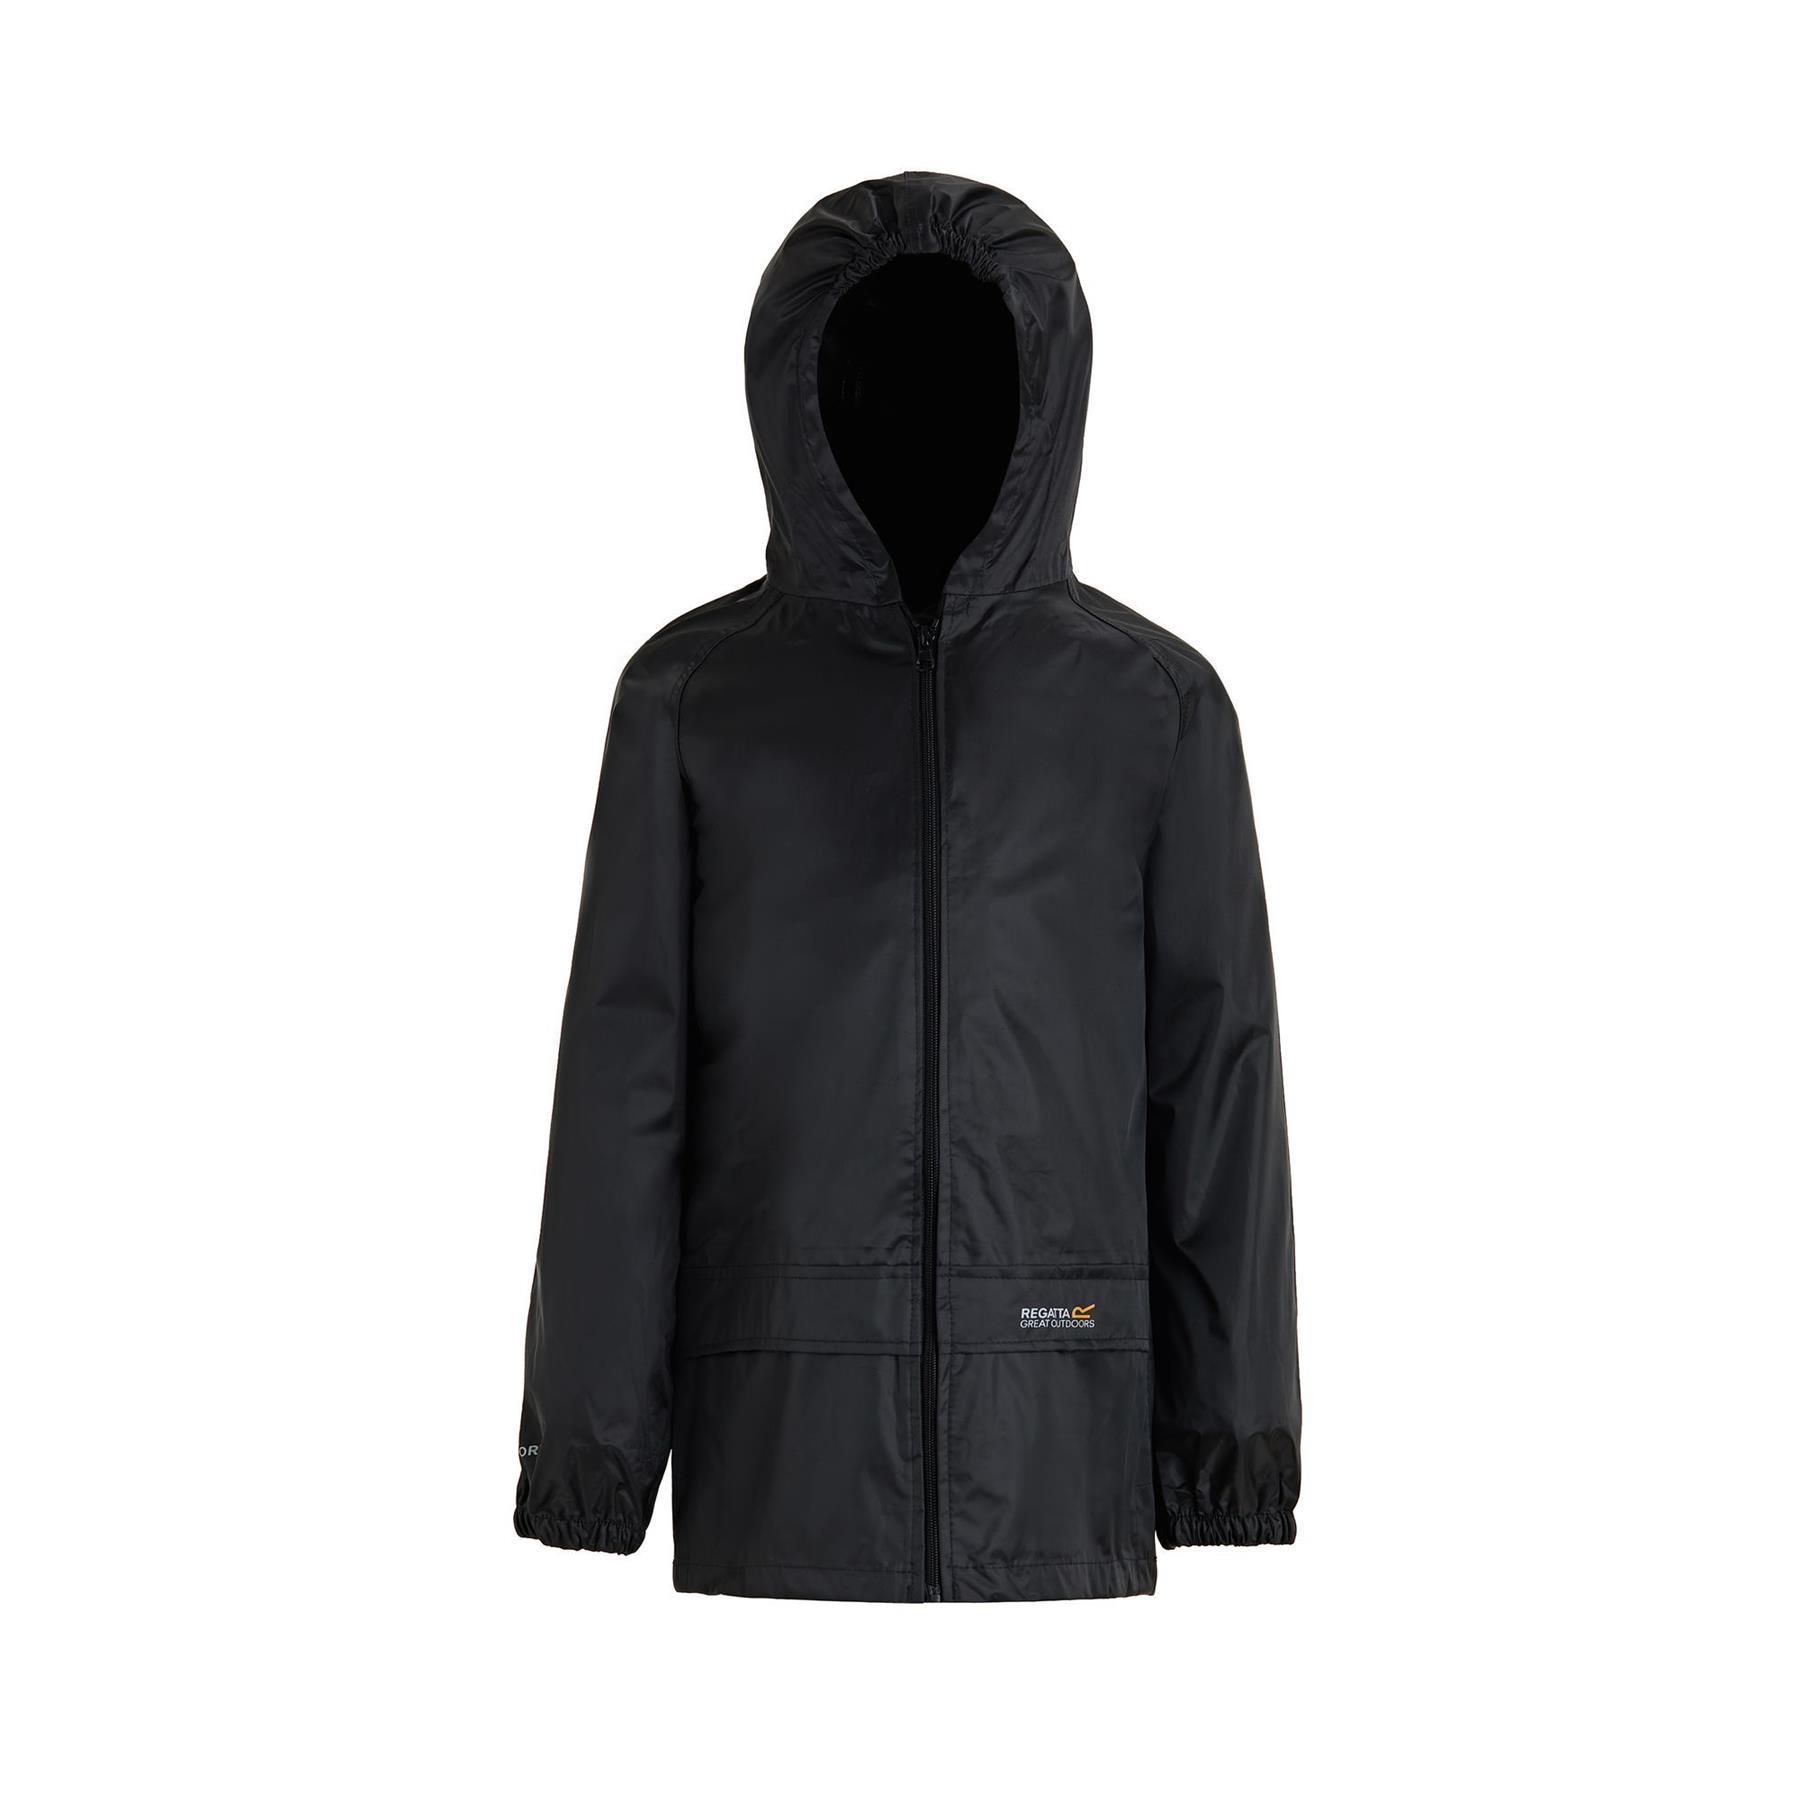 miniatuur 7 - Regatta Kids Waterproof Stormbreak Shell Jacket Hooded Rain coat Boys Girls